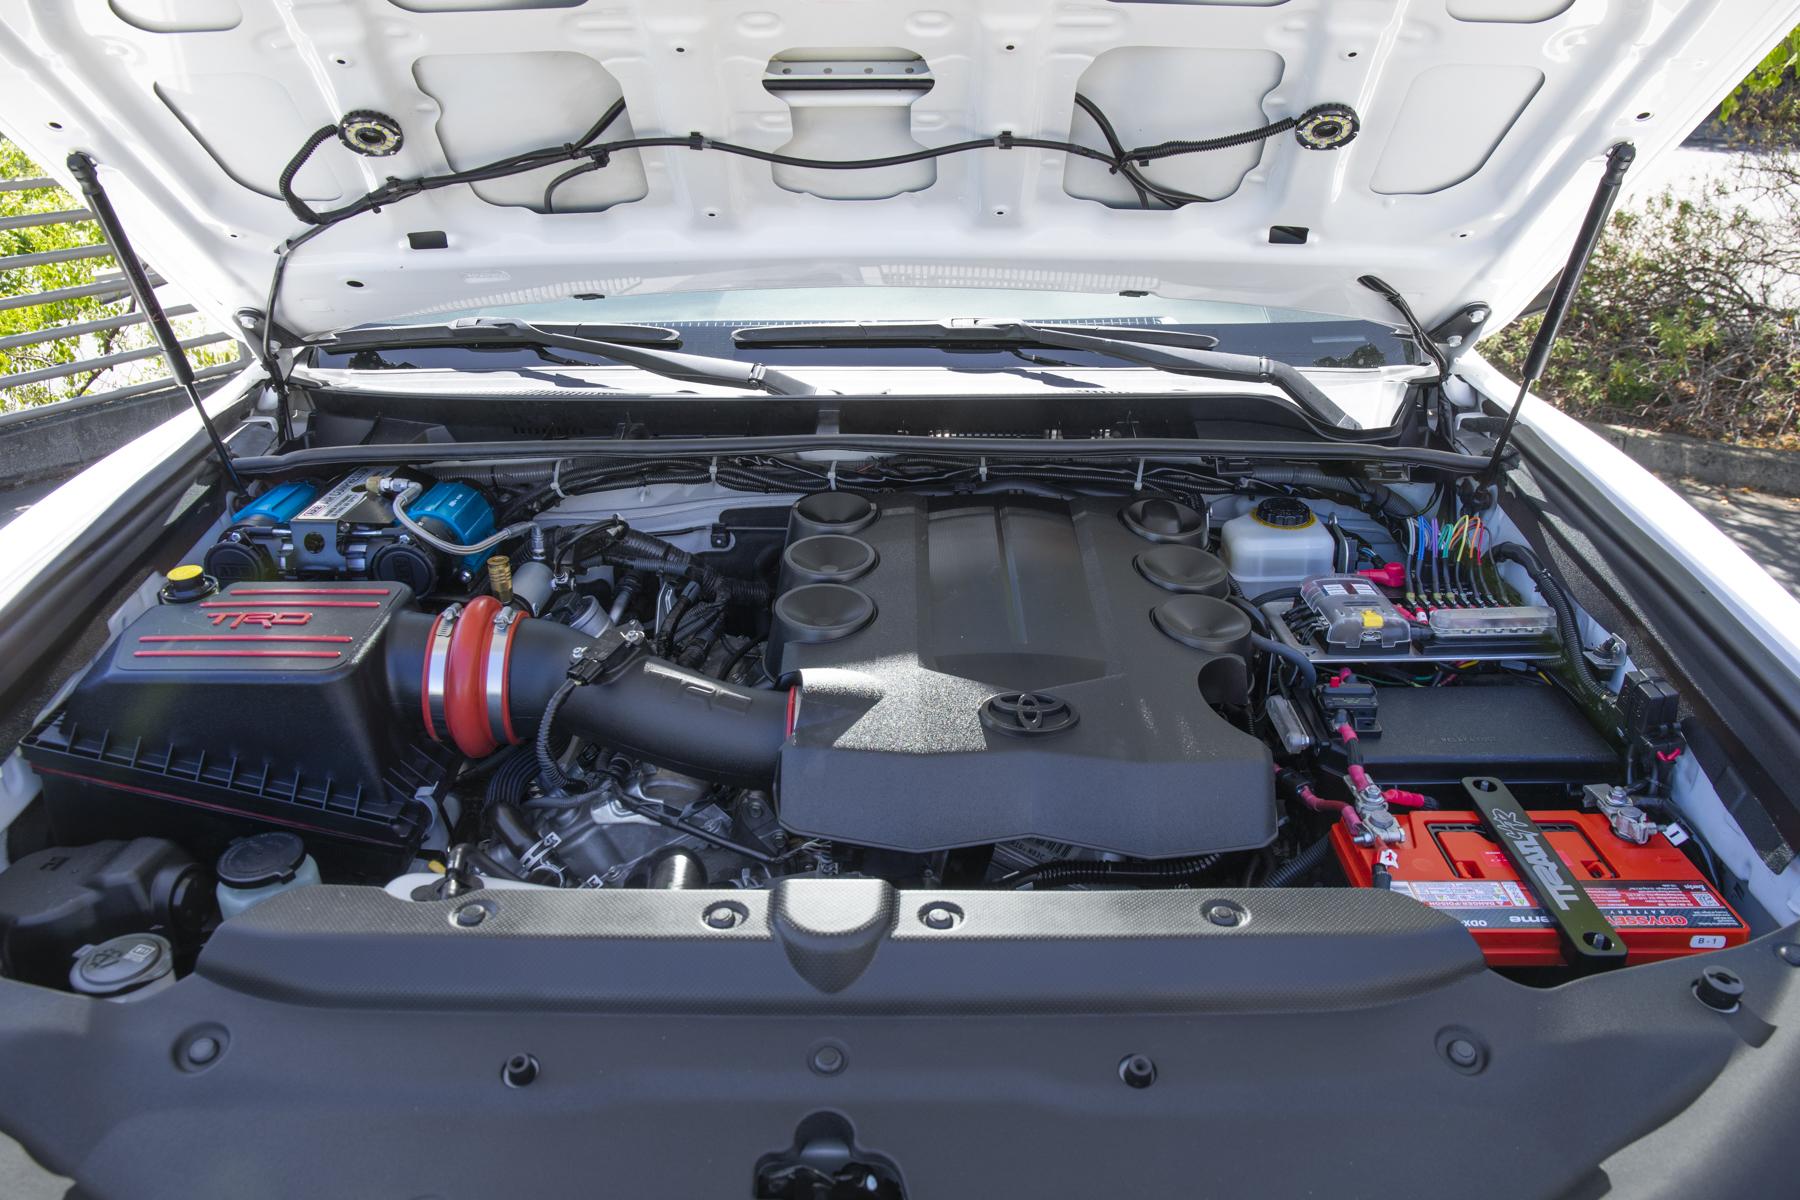 Clean Engine Bay Set-Up on Toyota 4Runner (5th Gen)